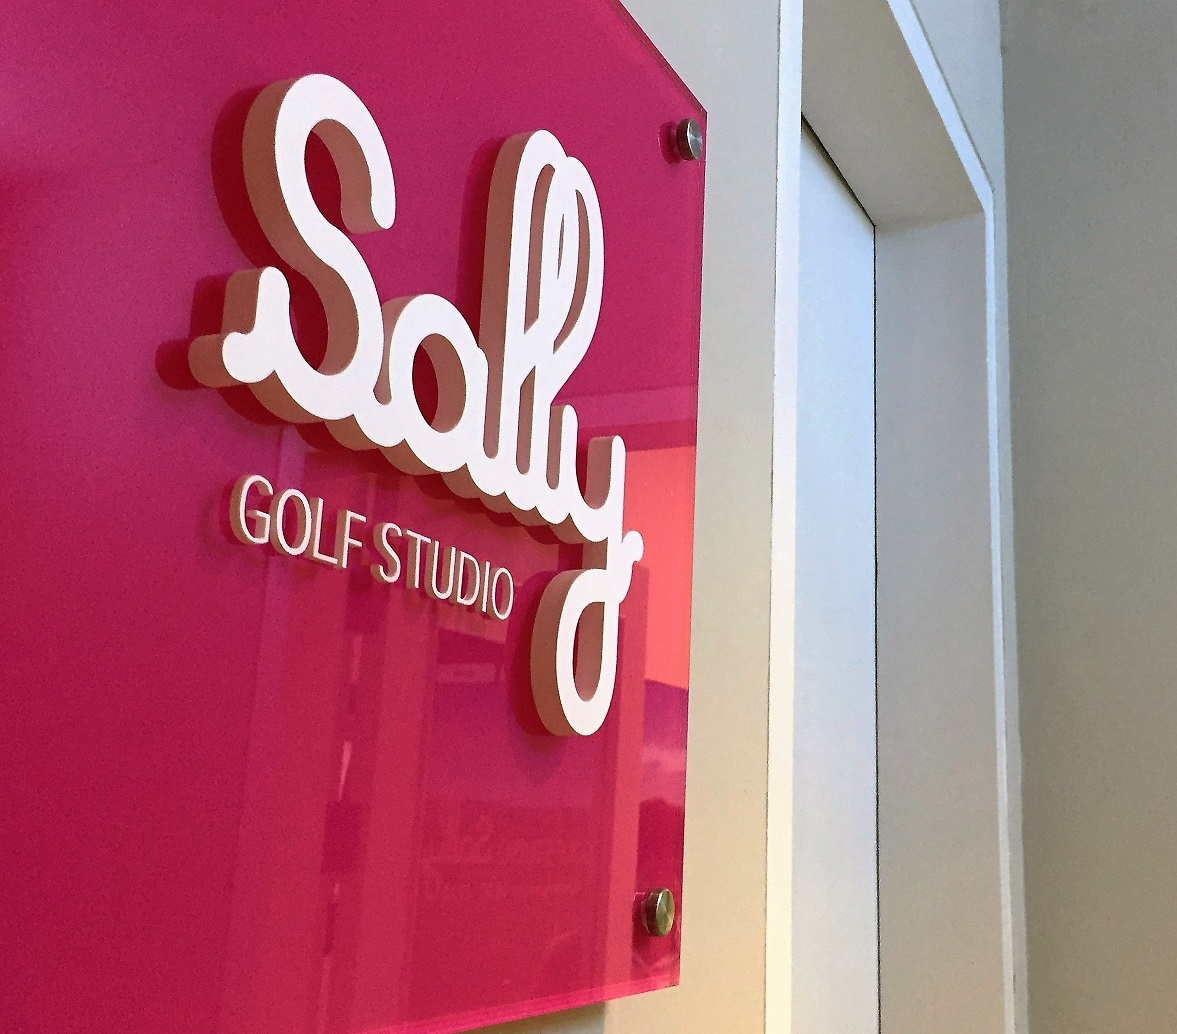 もっと楽しく、もっと気軽に!バンコクにゴルフスタジオSallyがオープン